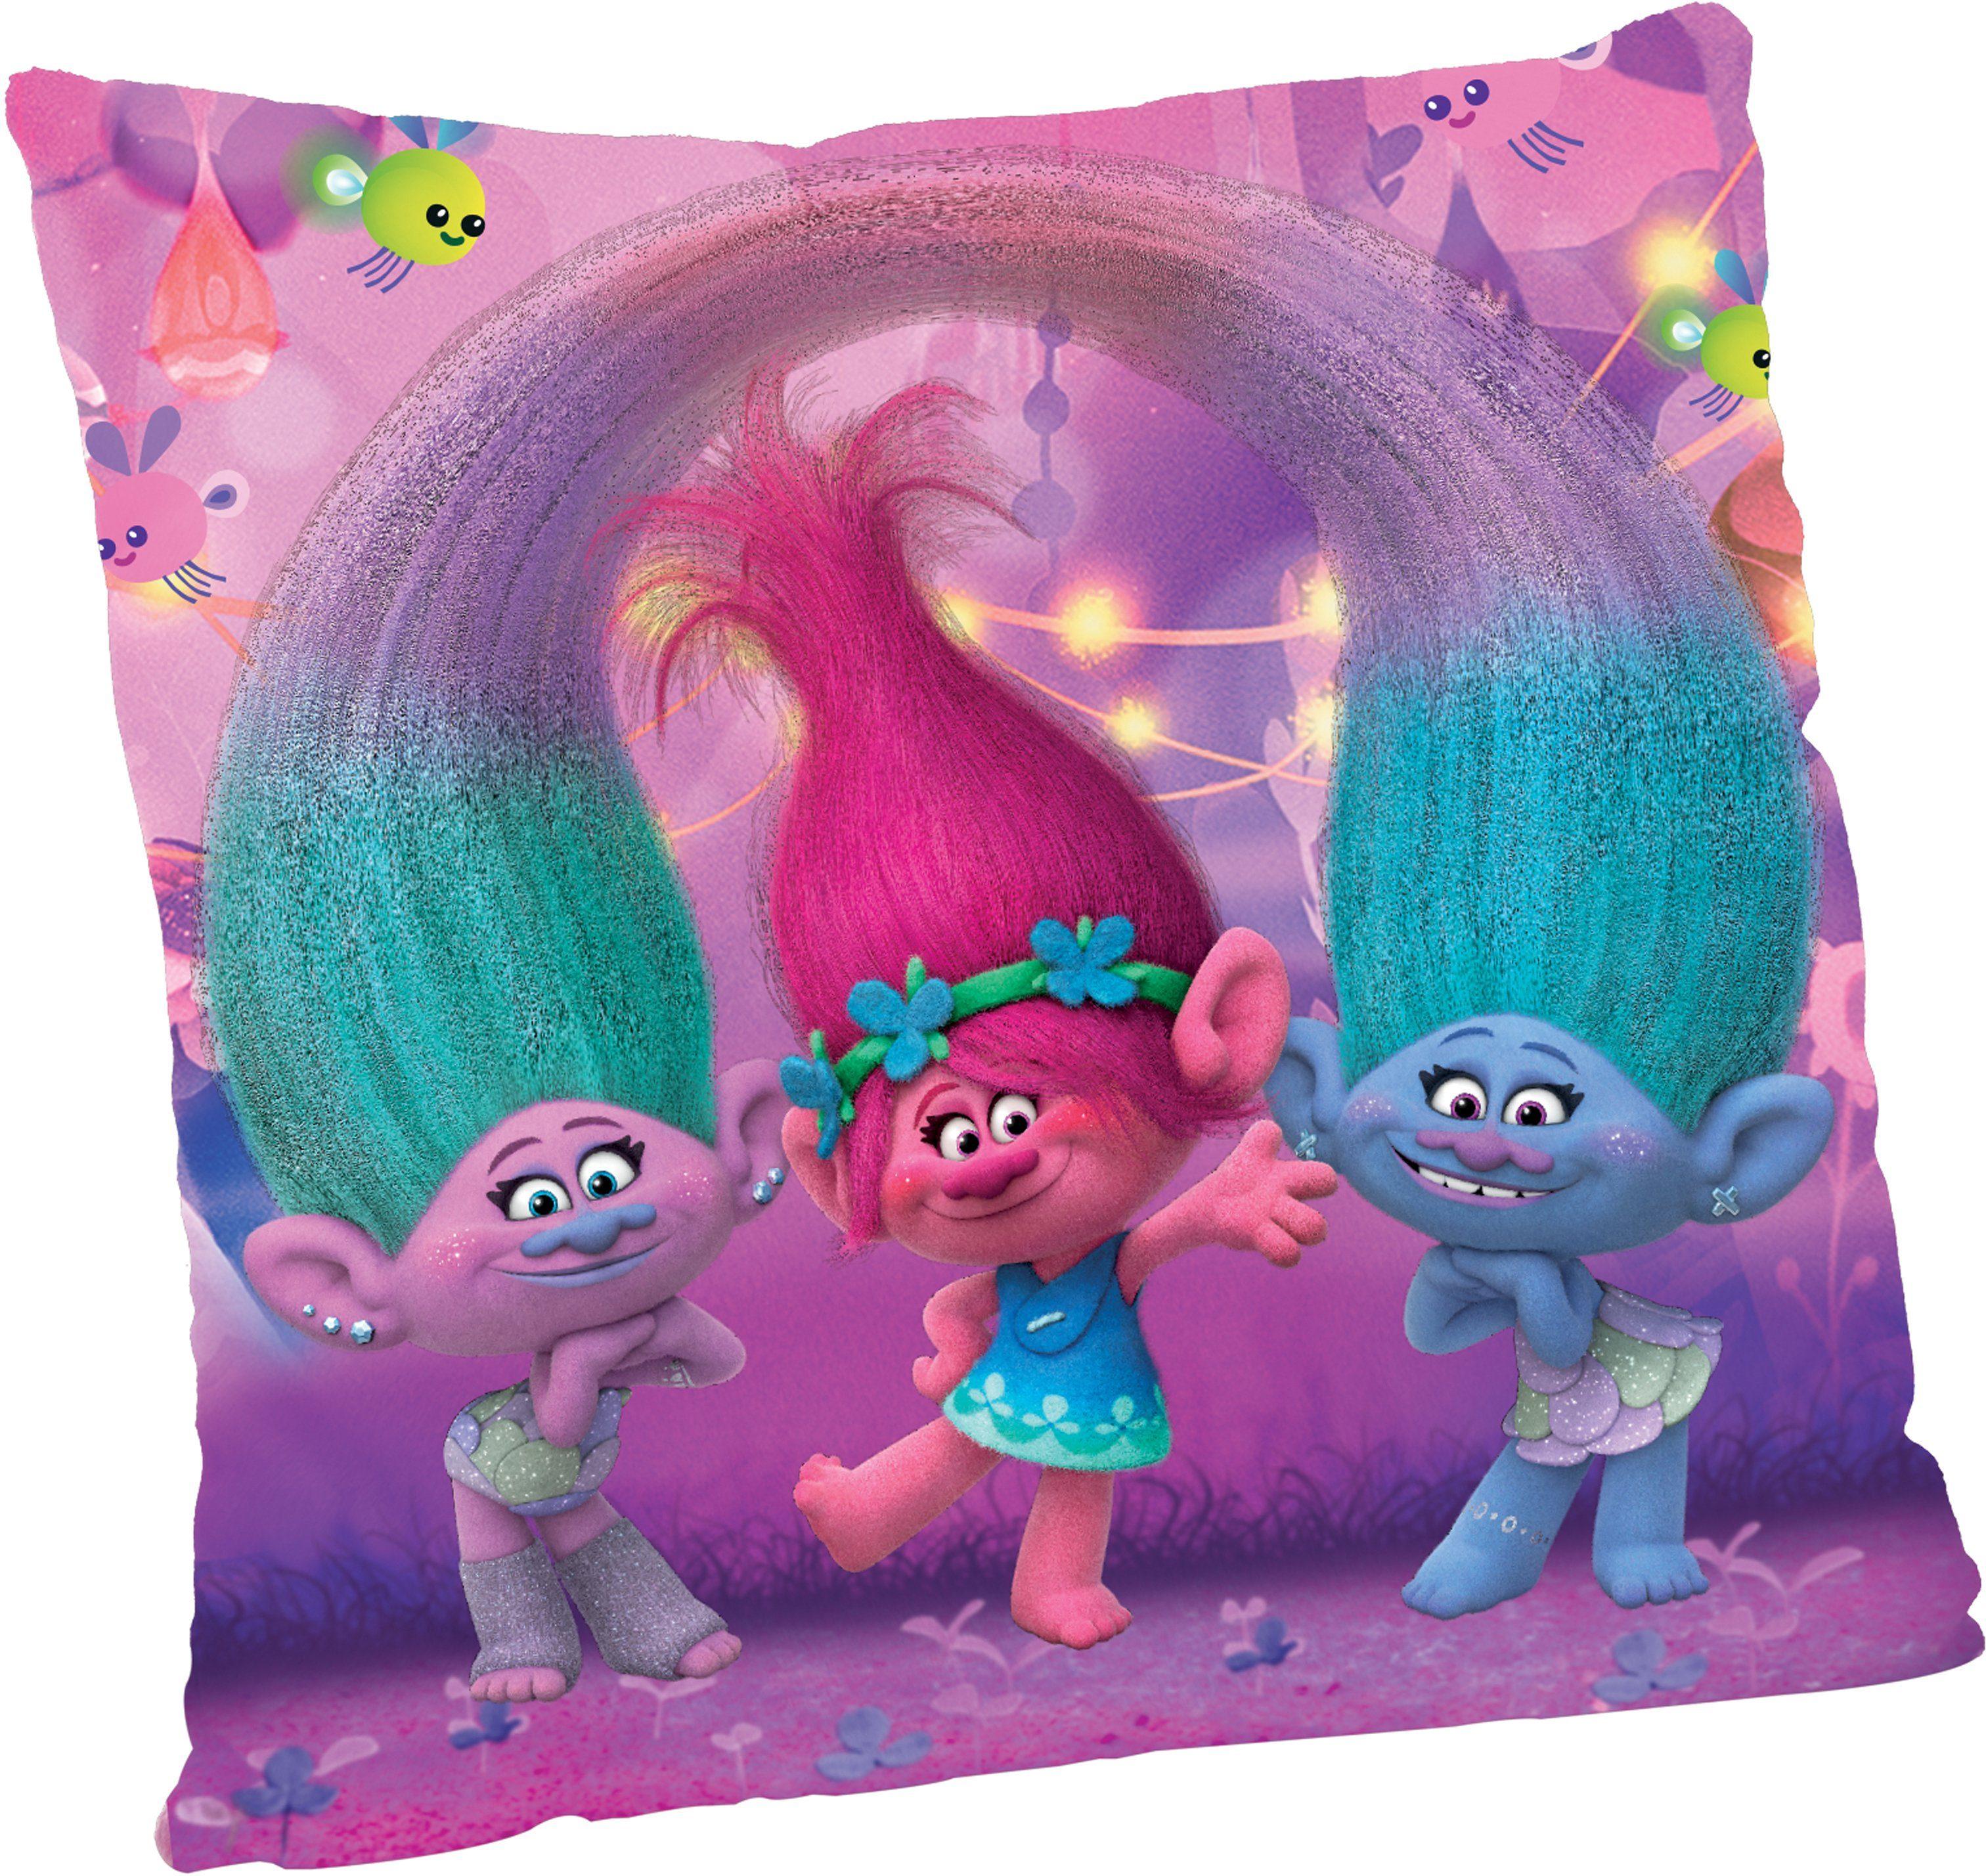 JOY TOY Schmusekissen, »DreamWorks Trolls Quadratisches Plüschkissen«